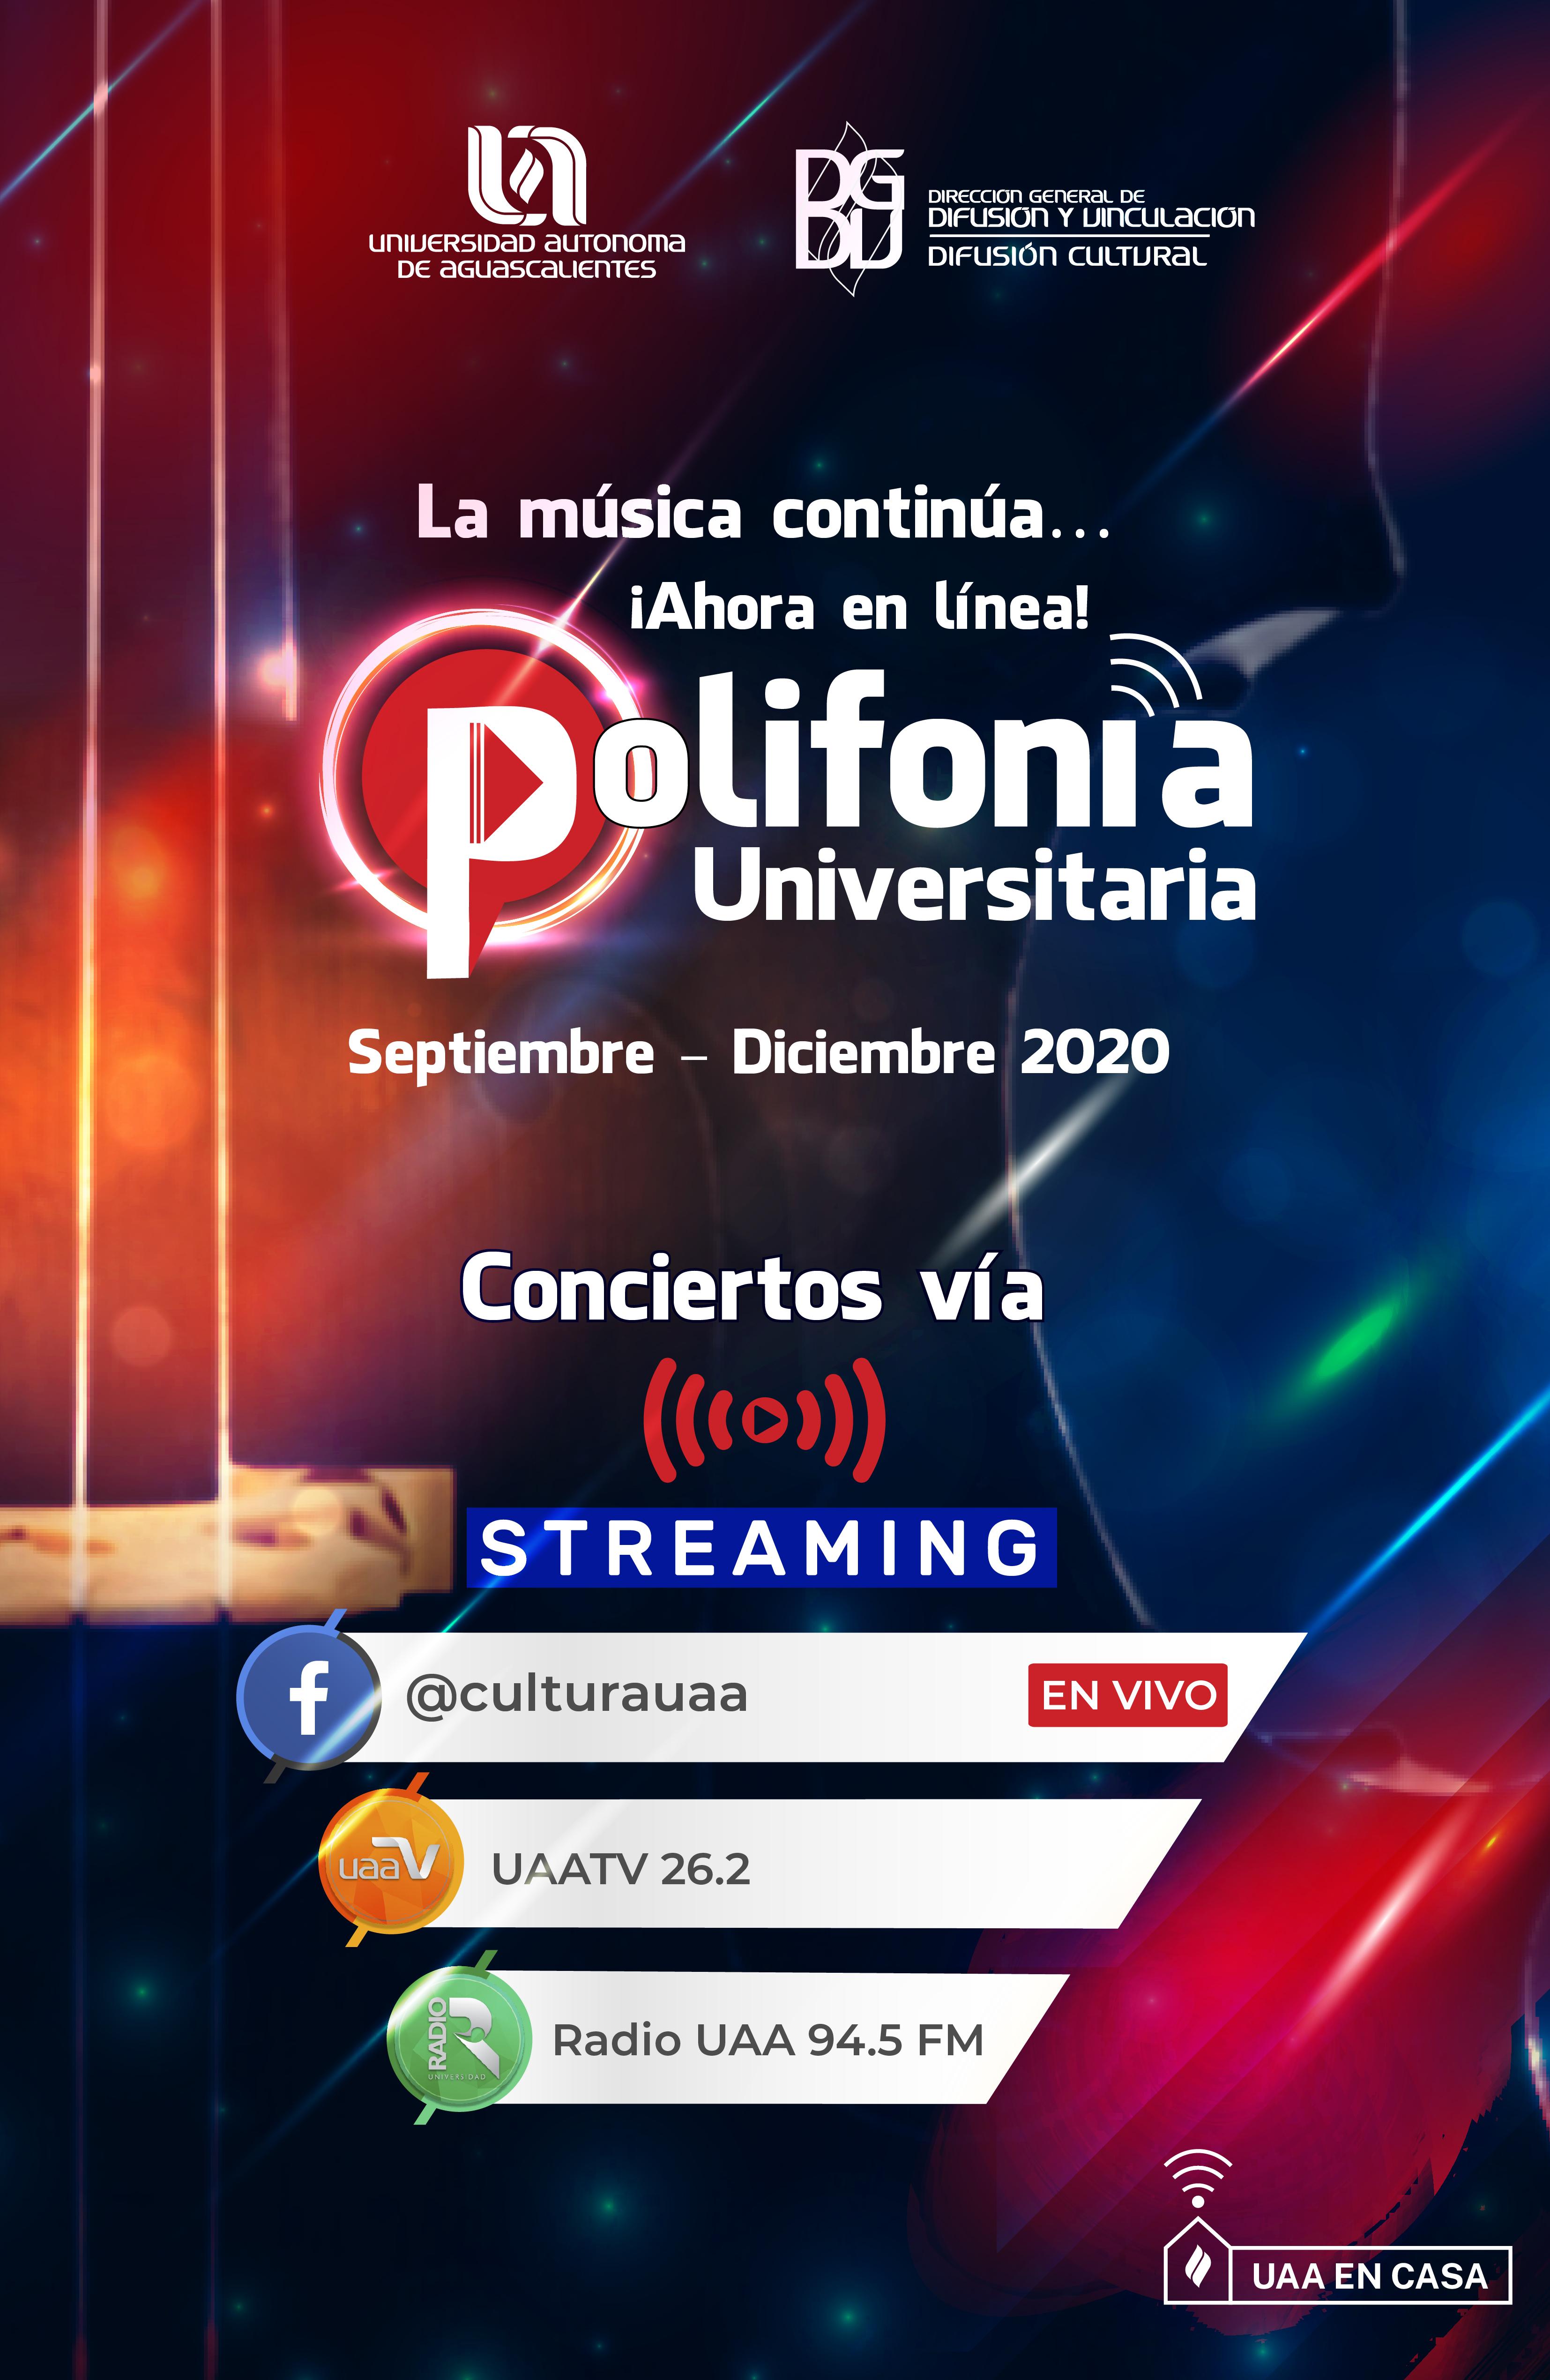 Polifonia Universitaria